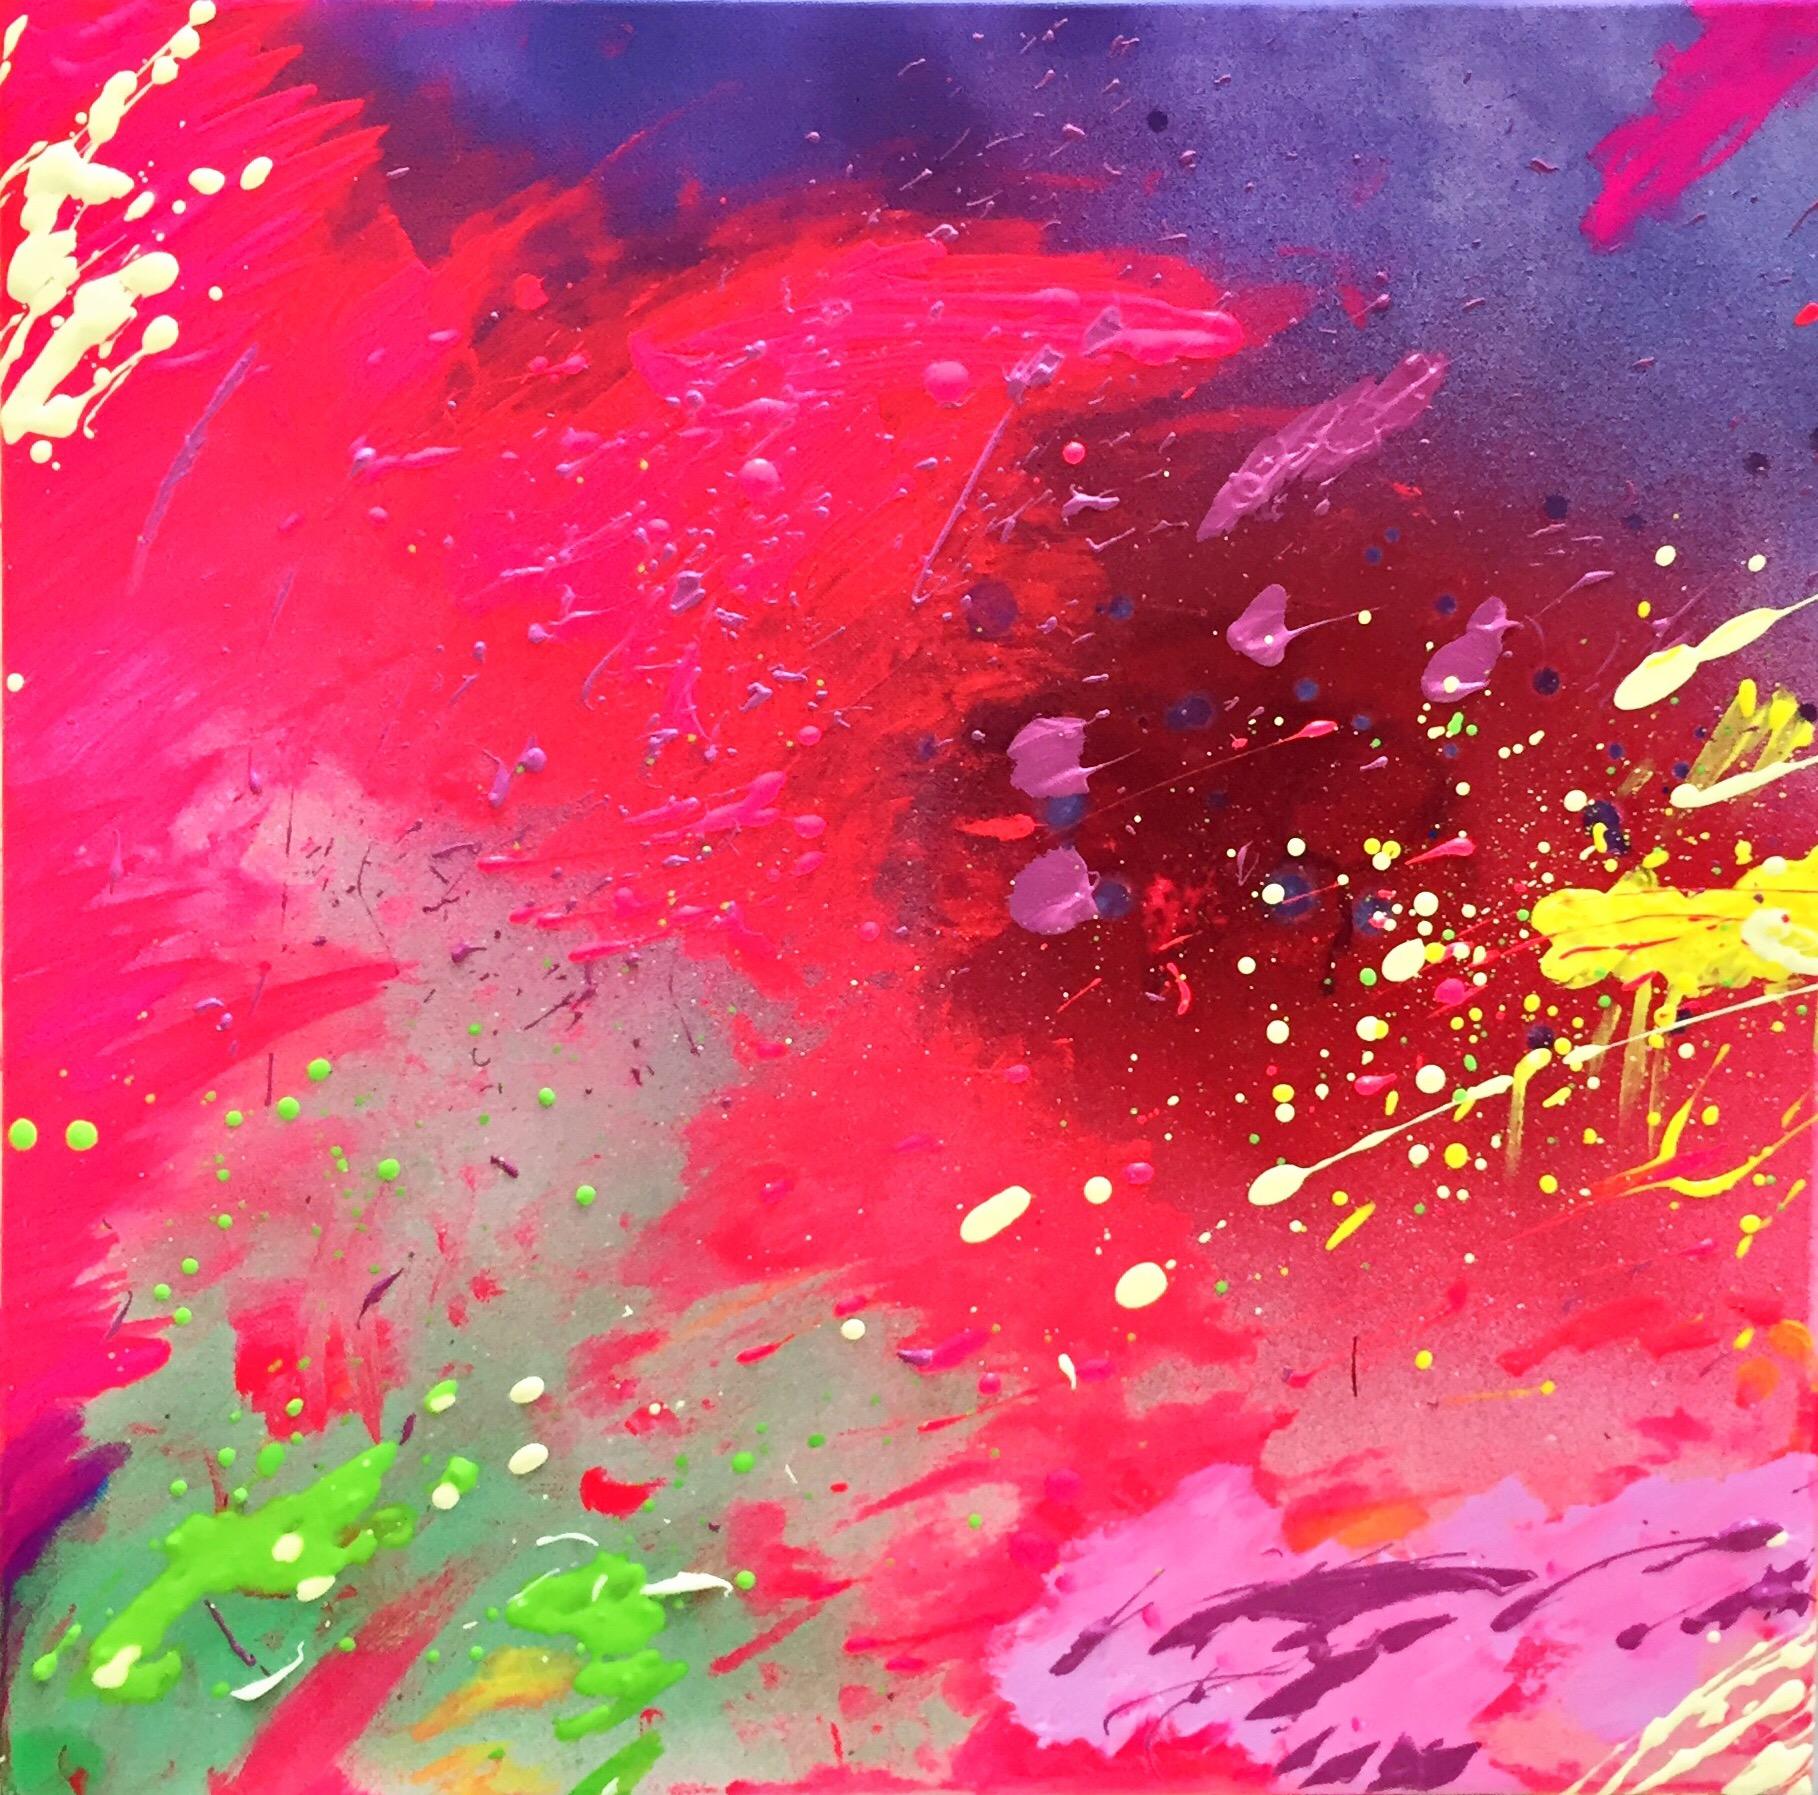 SoulArtist Acryl Graffiti Malerei Bild auf Leinwand Julia Merkt Neue Welten Tanz der Emotionen